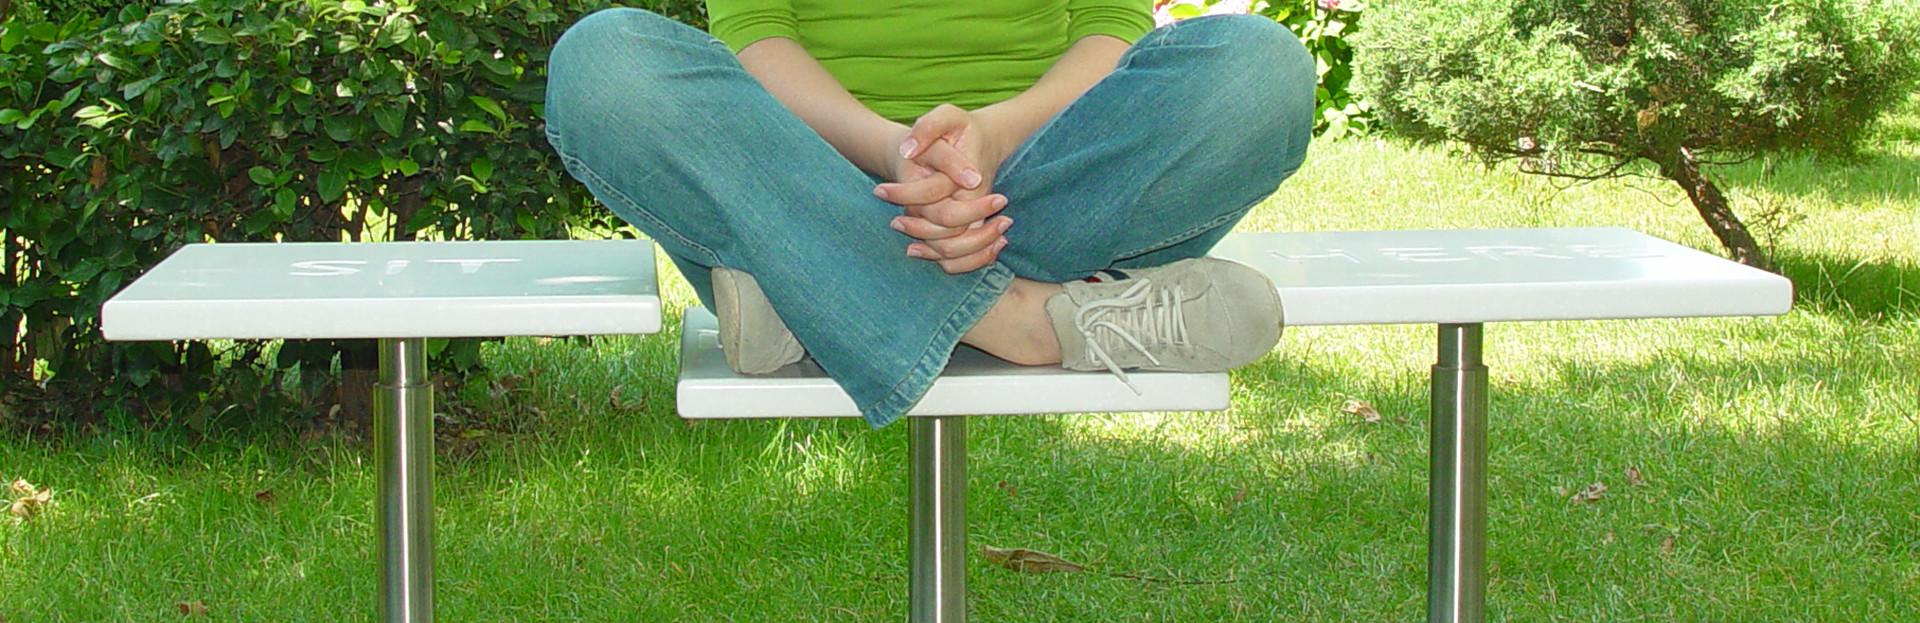 SIT DOWN HERE-003.jpg